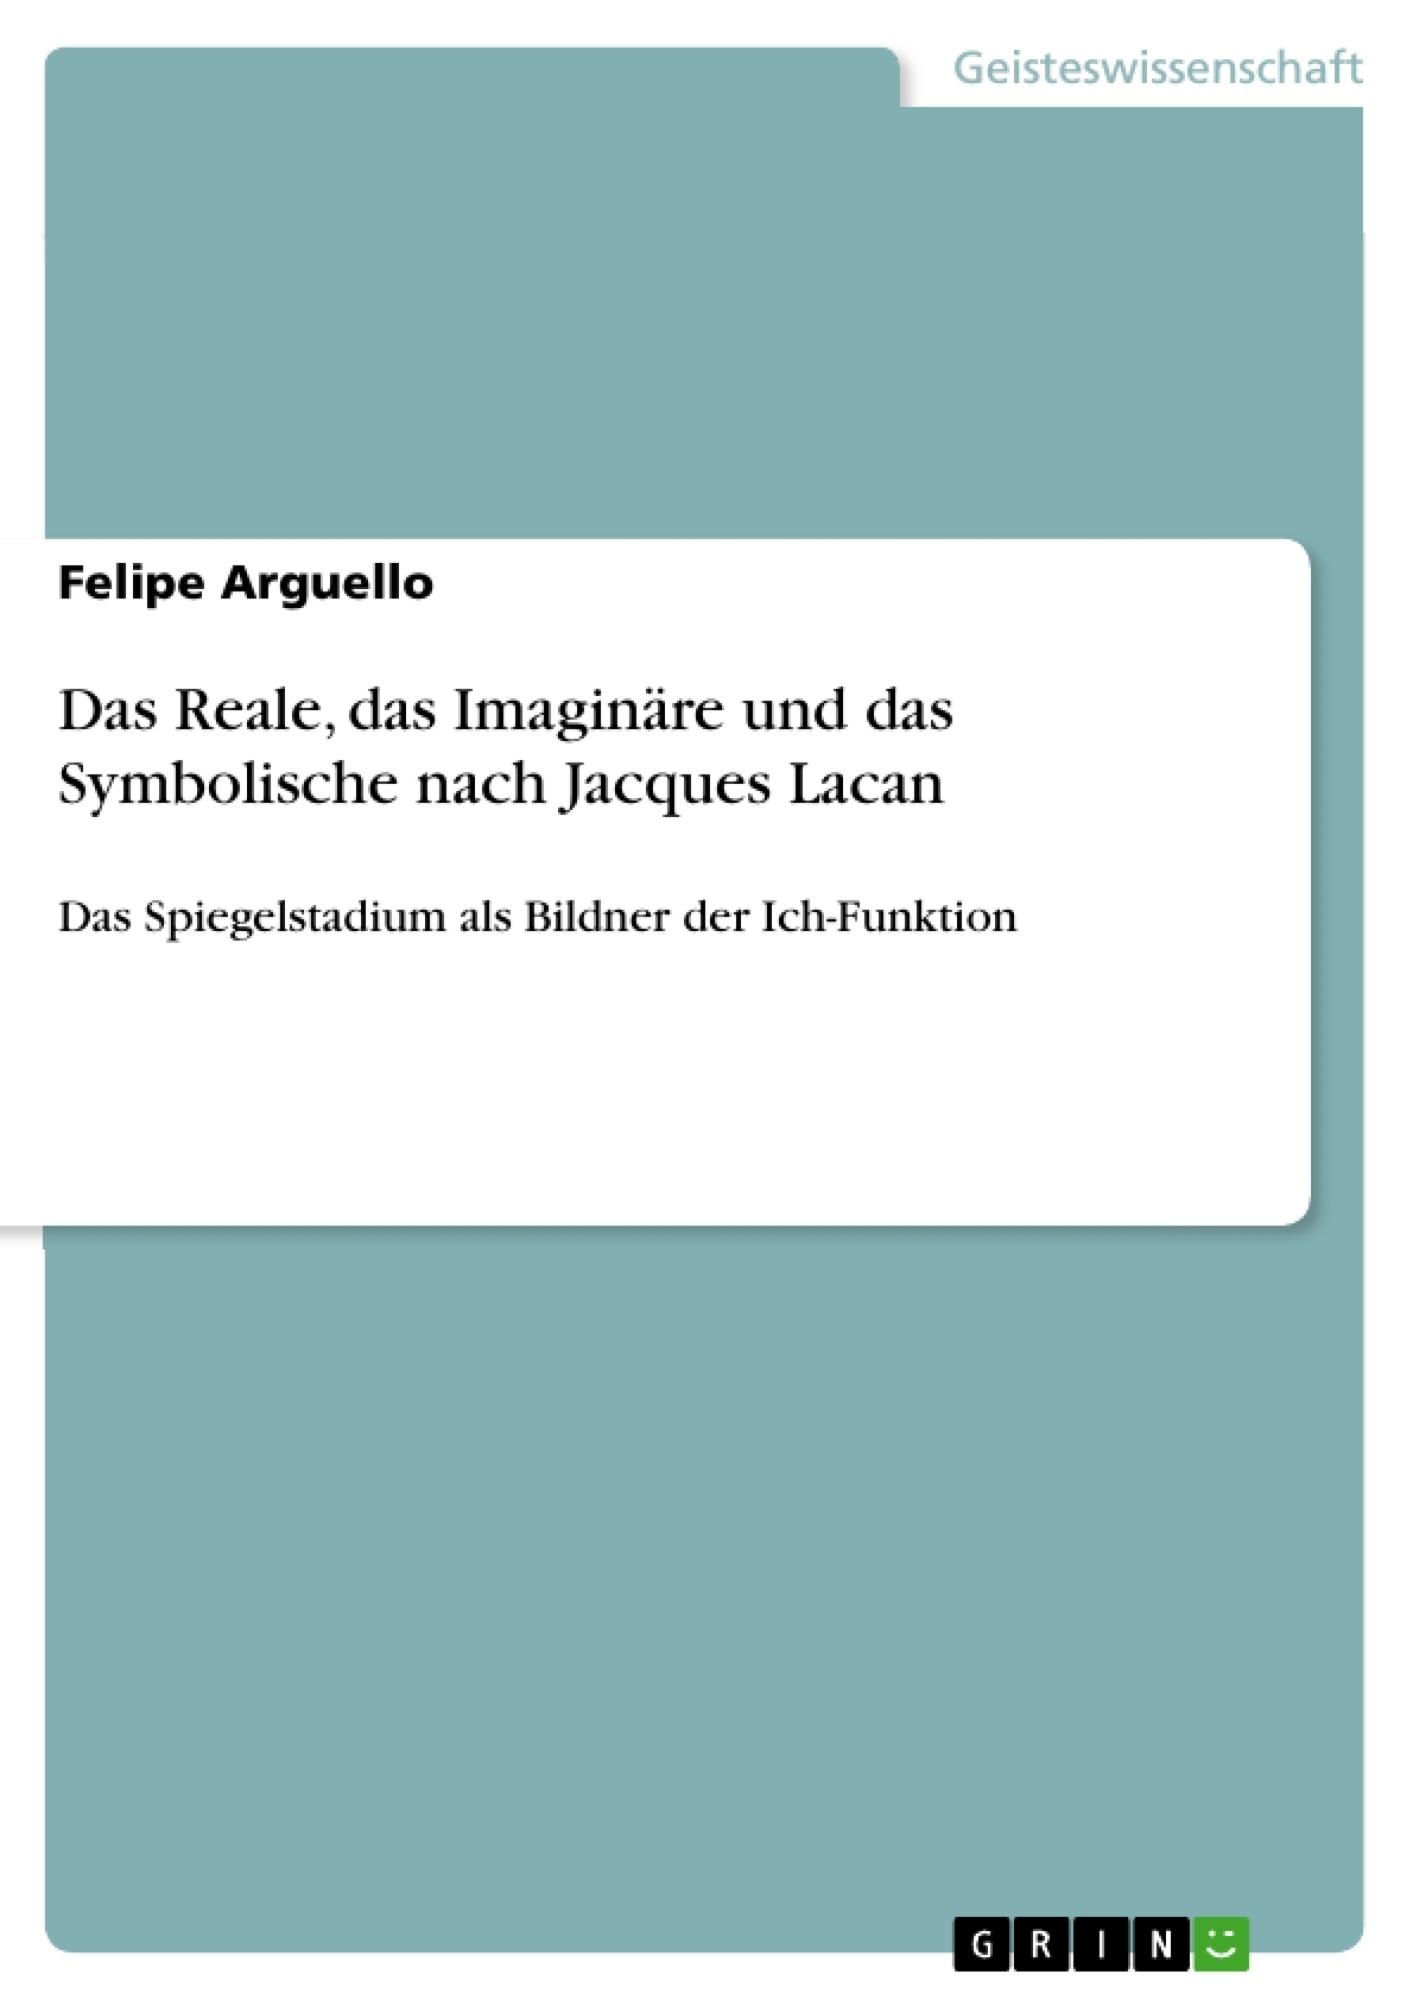 Titel: Das Reale, das Imaginäre und das Symbolische nach Jacques Lacan